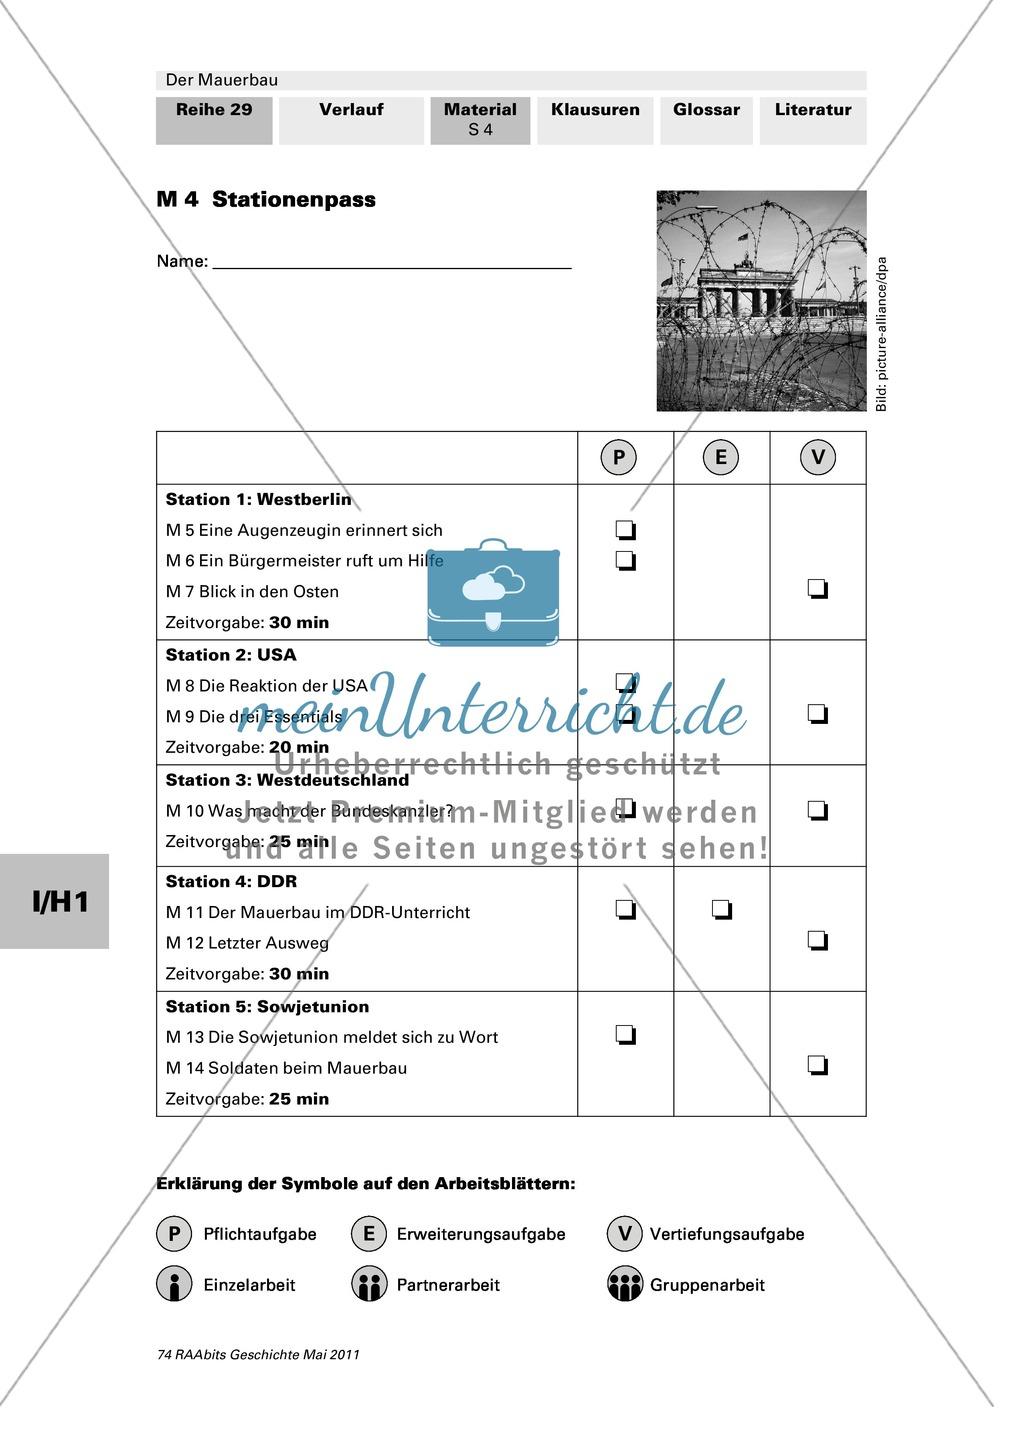 Mauerbau: Text: Rede von Chruschtschow am 10.11.1958 + Text: Kennedys Grundhaltung zu Westberlin vom 25.07.1961 + Tabelle: Flüchtlingszahlen + Karikaturen zum Mauerbau +  Stationenpass Preview 3